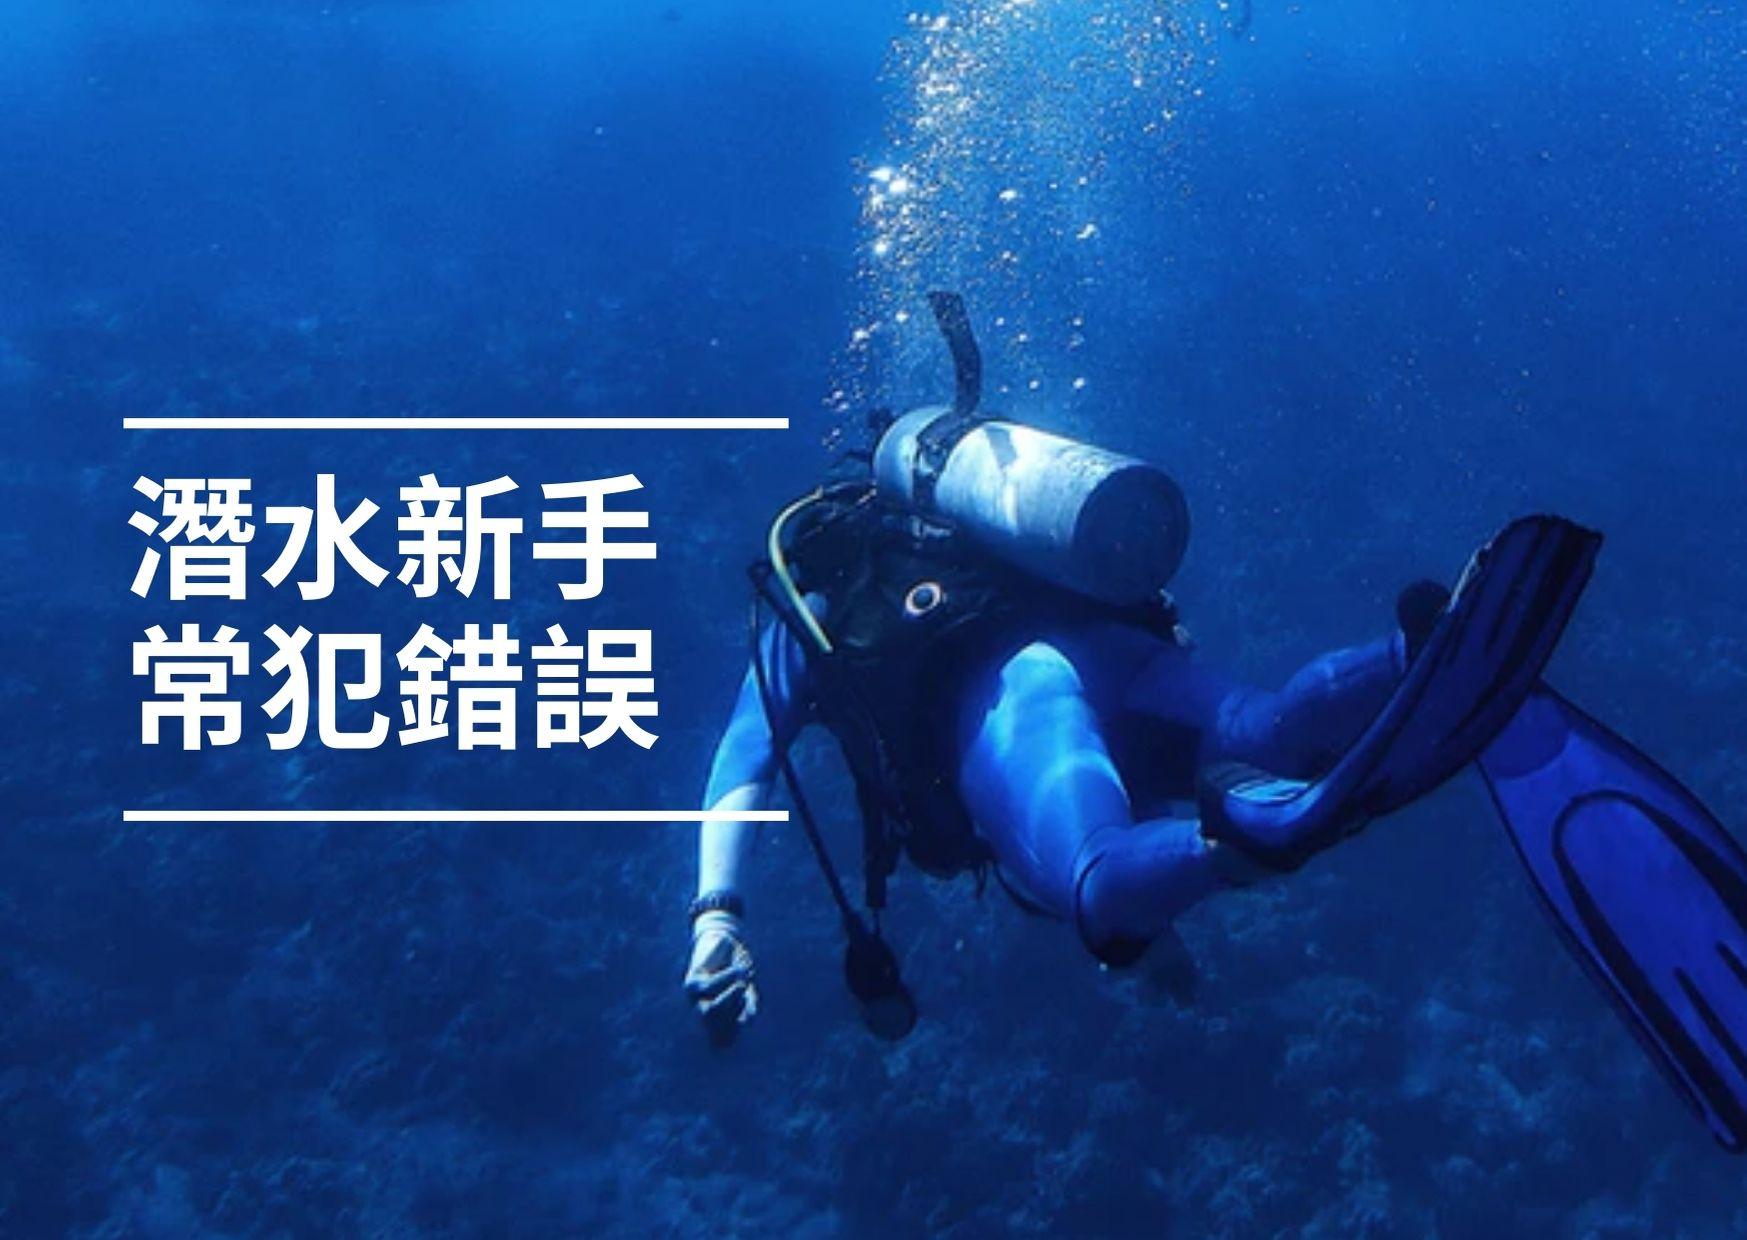 【水上活動】詳細解釋潛水新手常犯錯誤